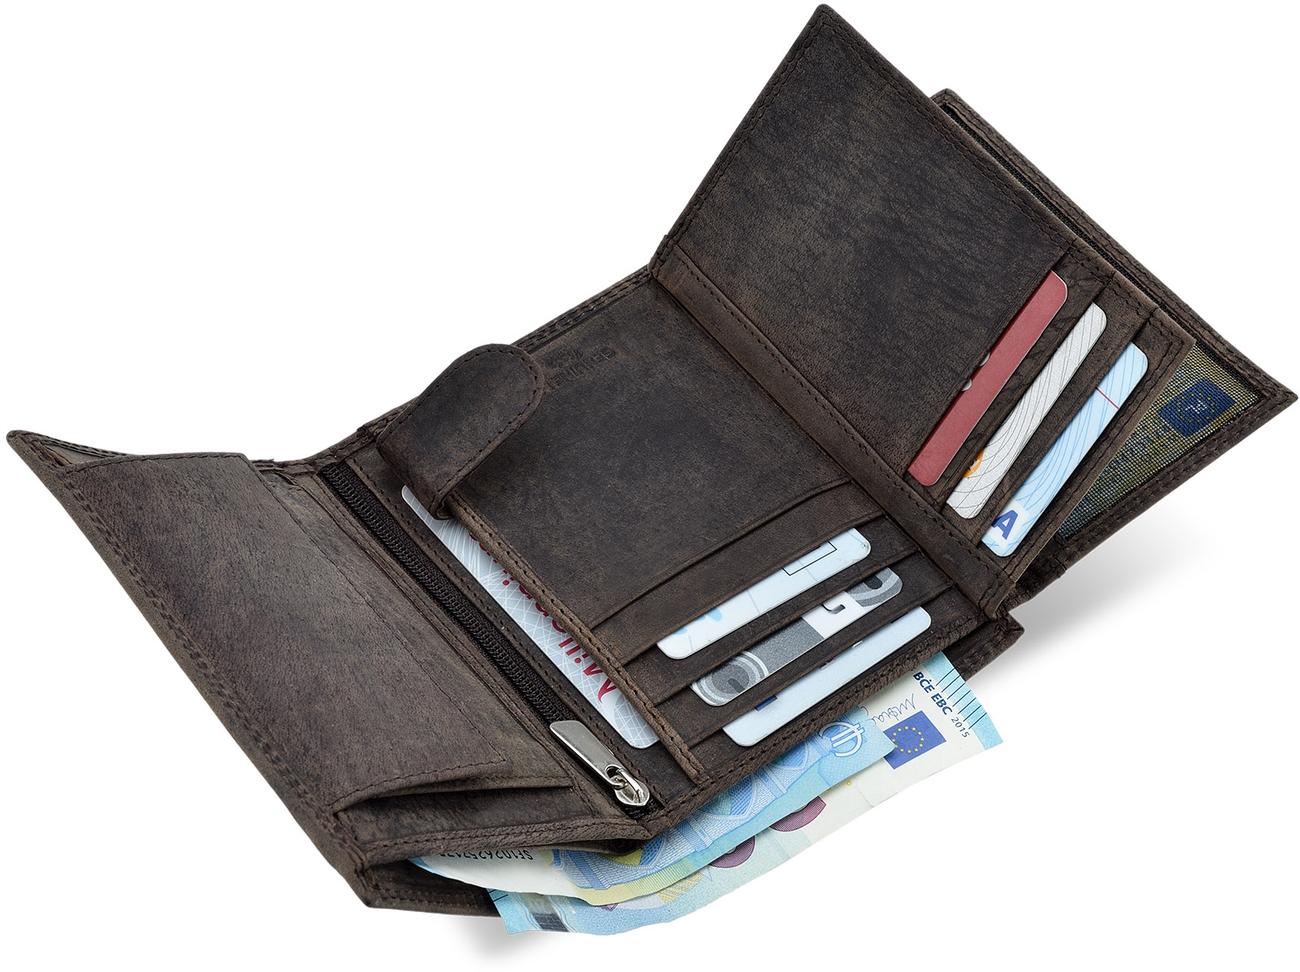 Herrengeldbörse ALWAYS WILD Leder Braun